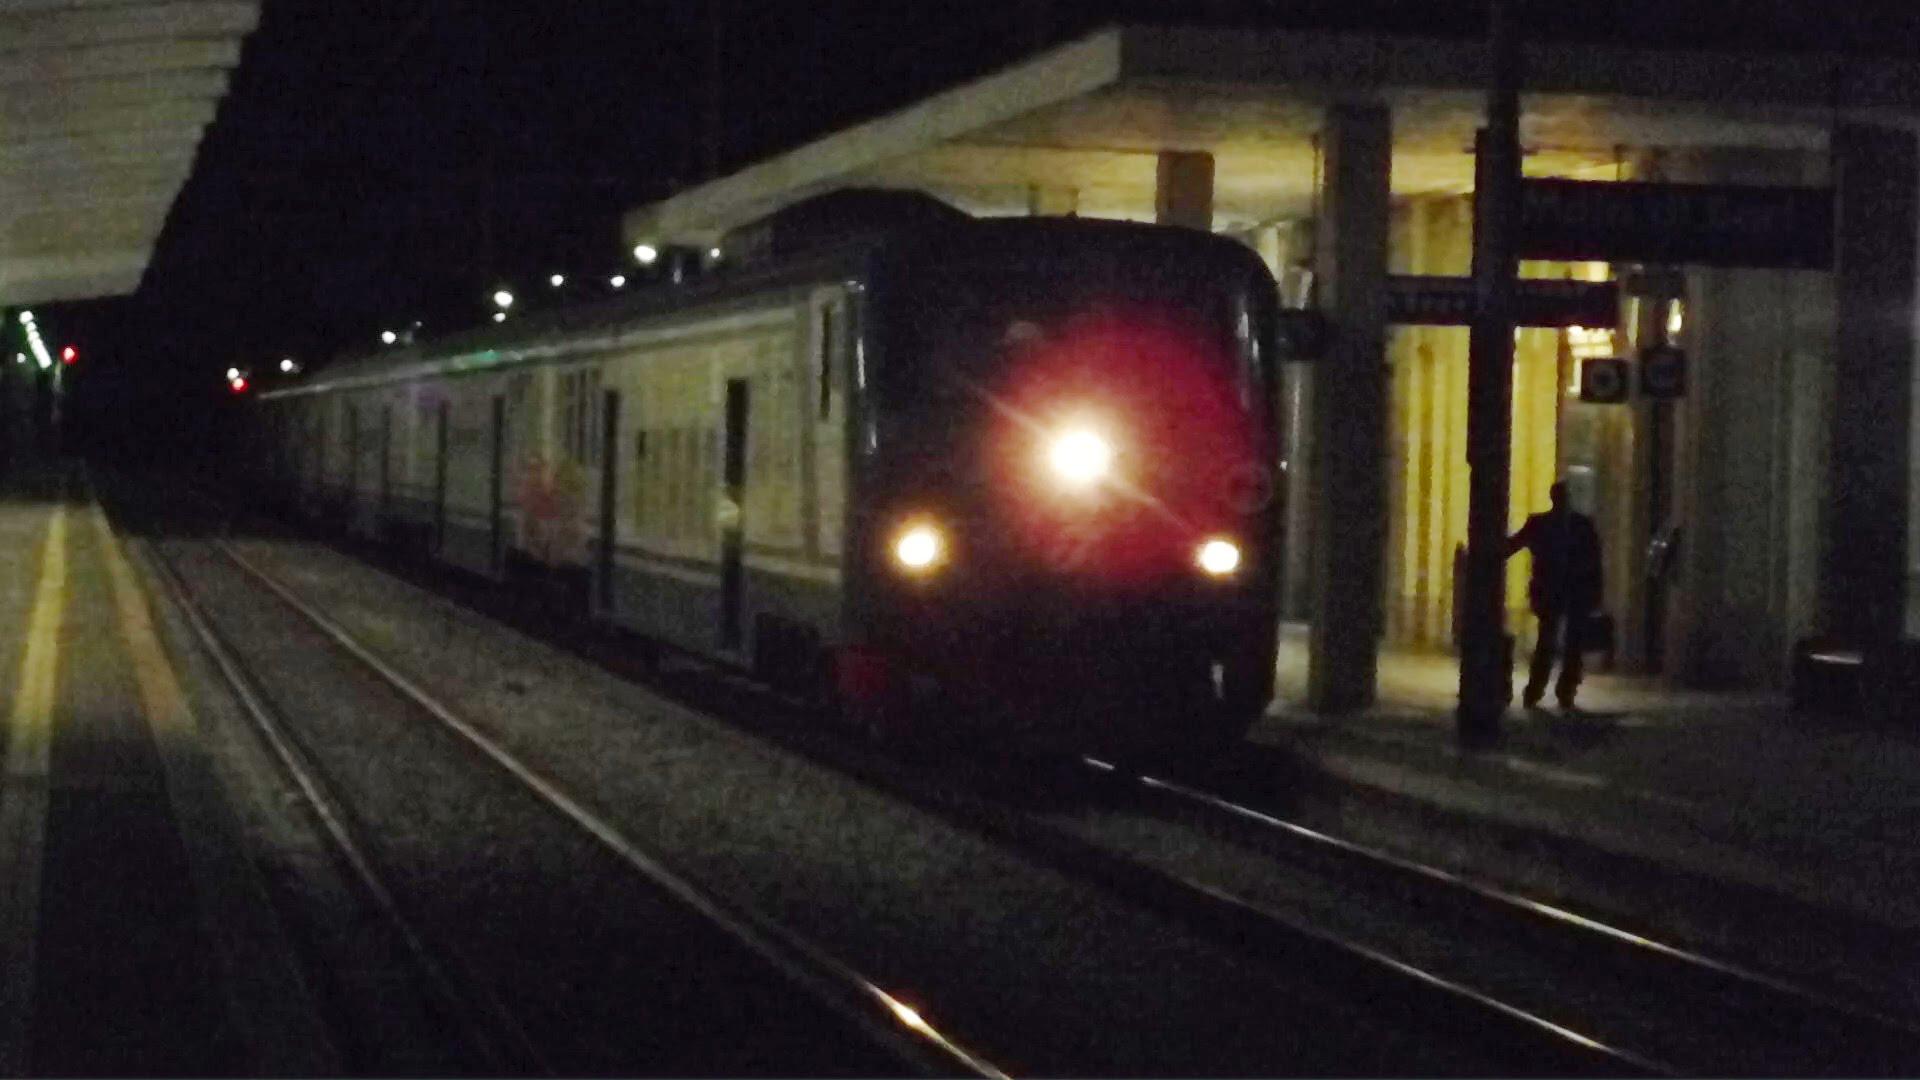 FL6 Roma-Cassino e FL4 Roma-Velletri, modifiche e variazioni a causa di un guasto: come cambieranno le linee per i pendolari fino al 4 febbraio 2020